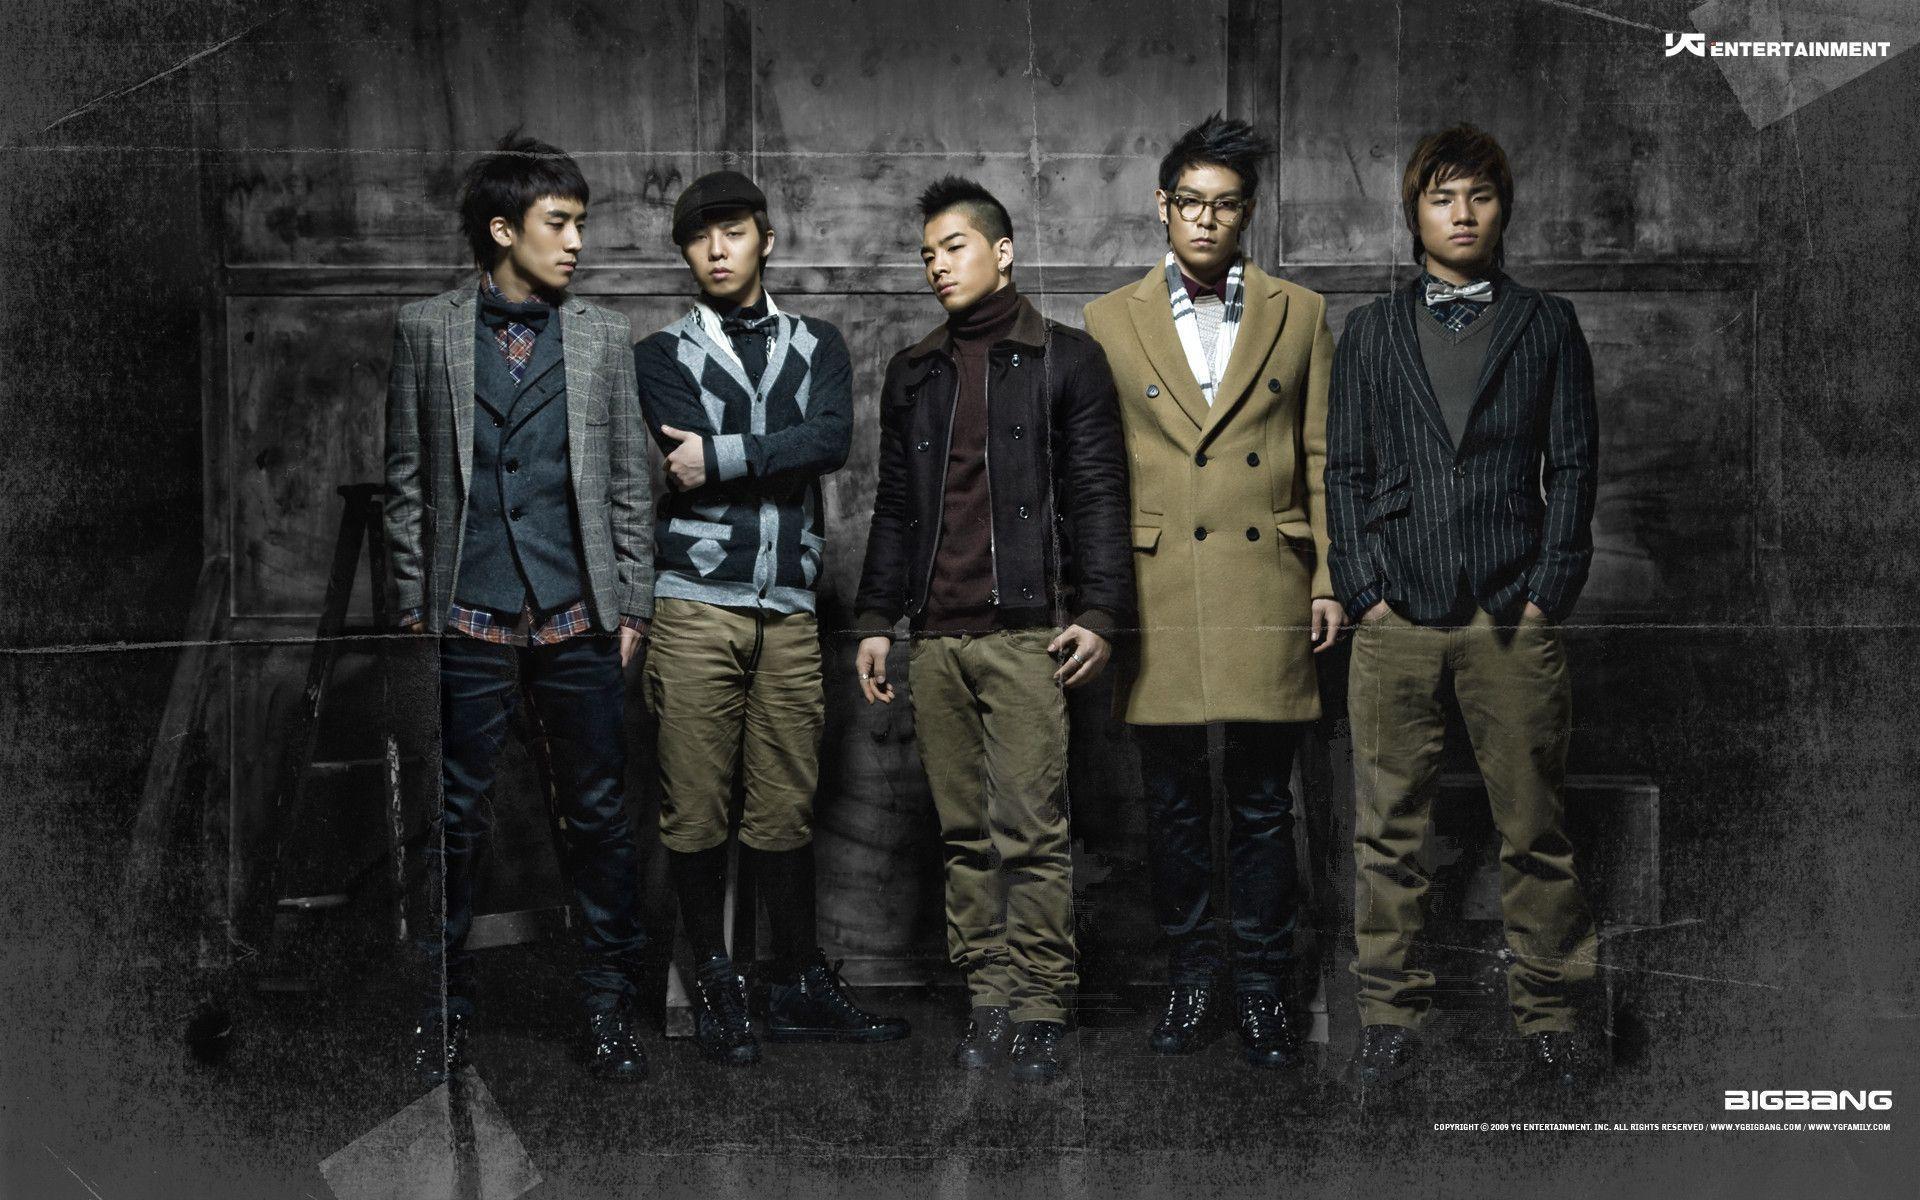 big bang kpop wallpaper 2013 - photo #13